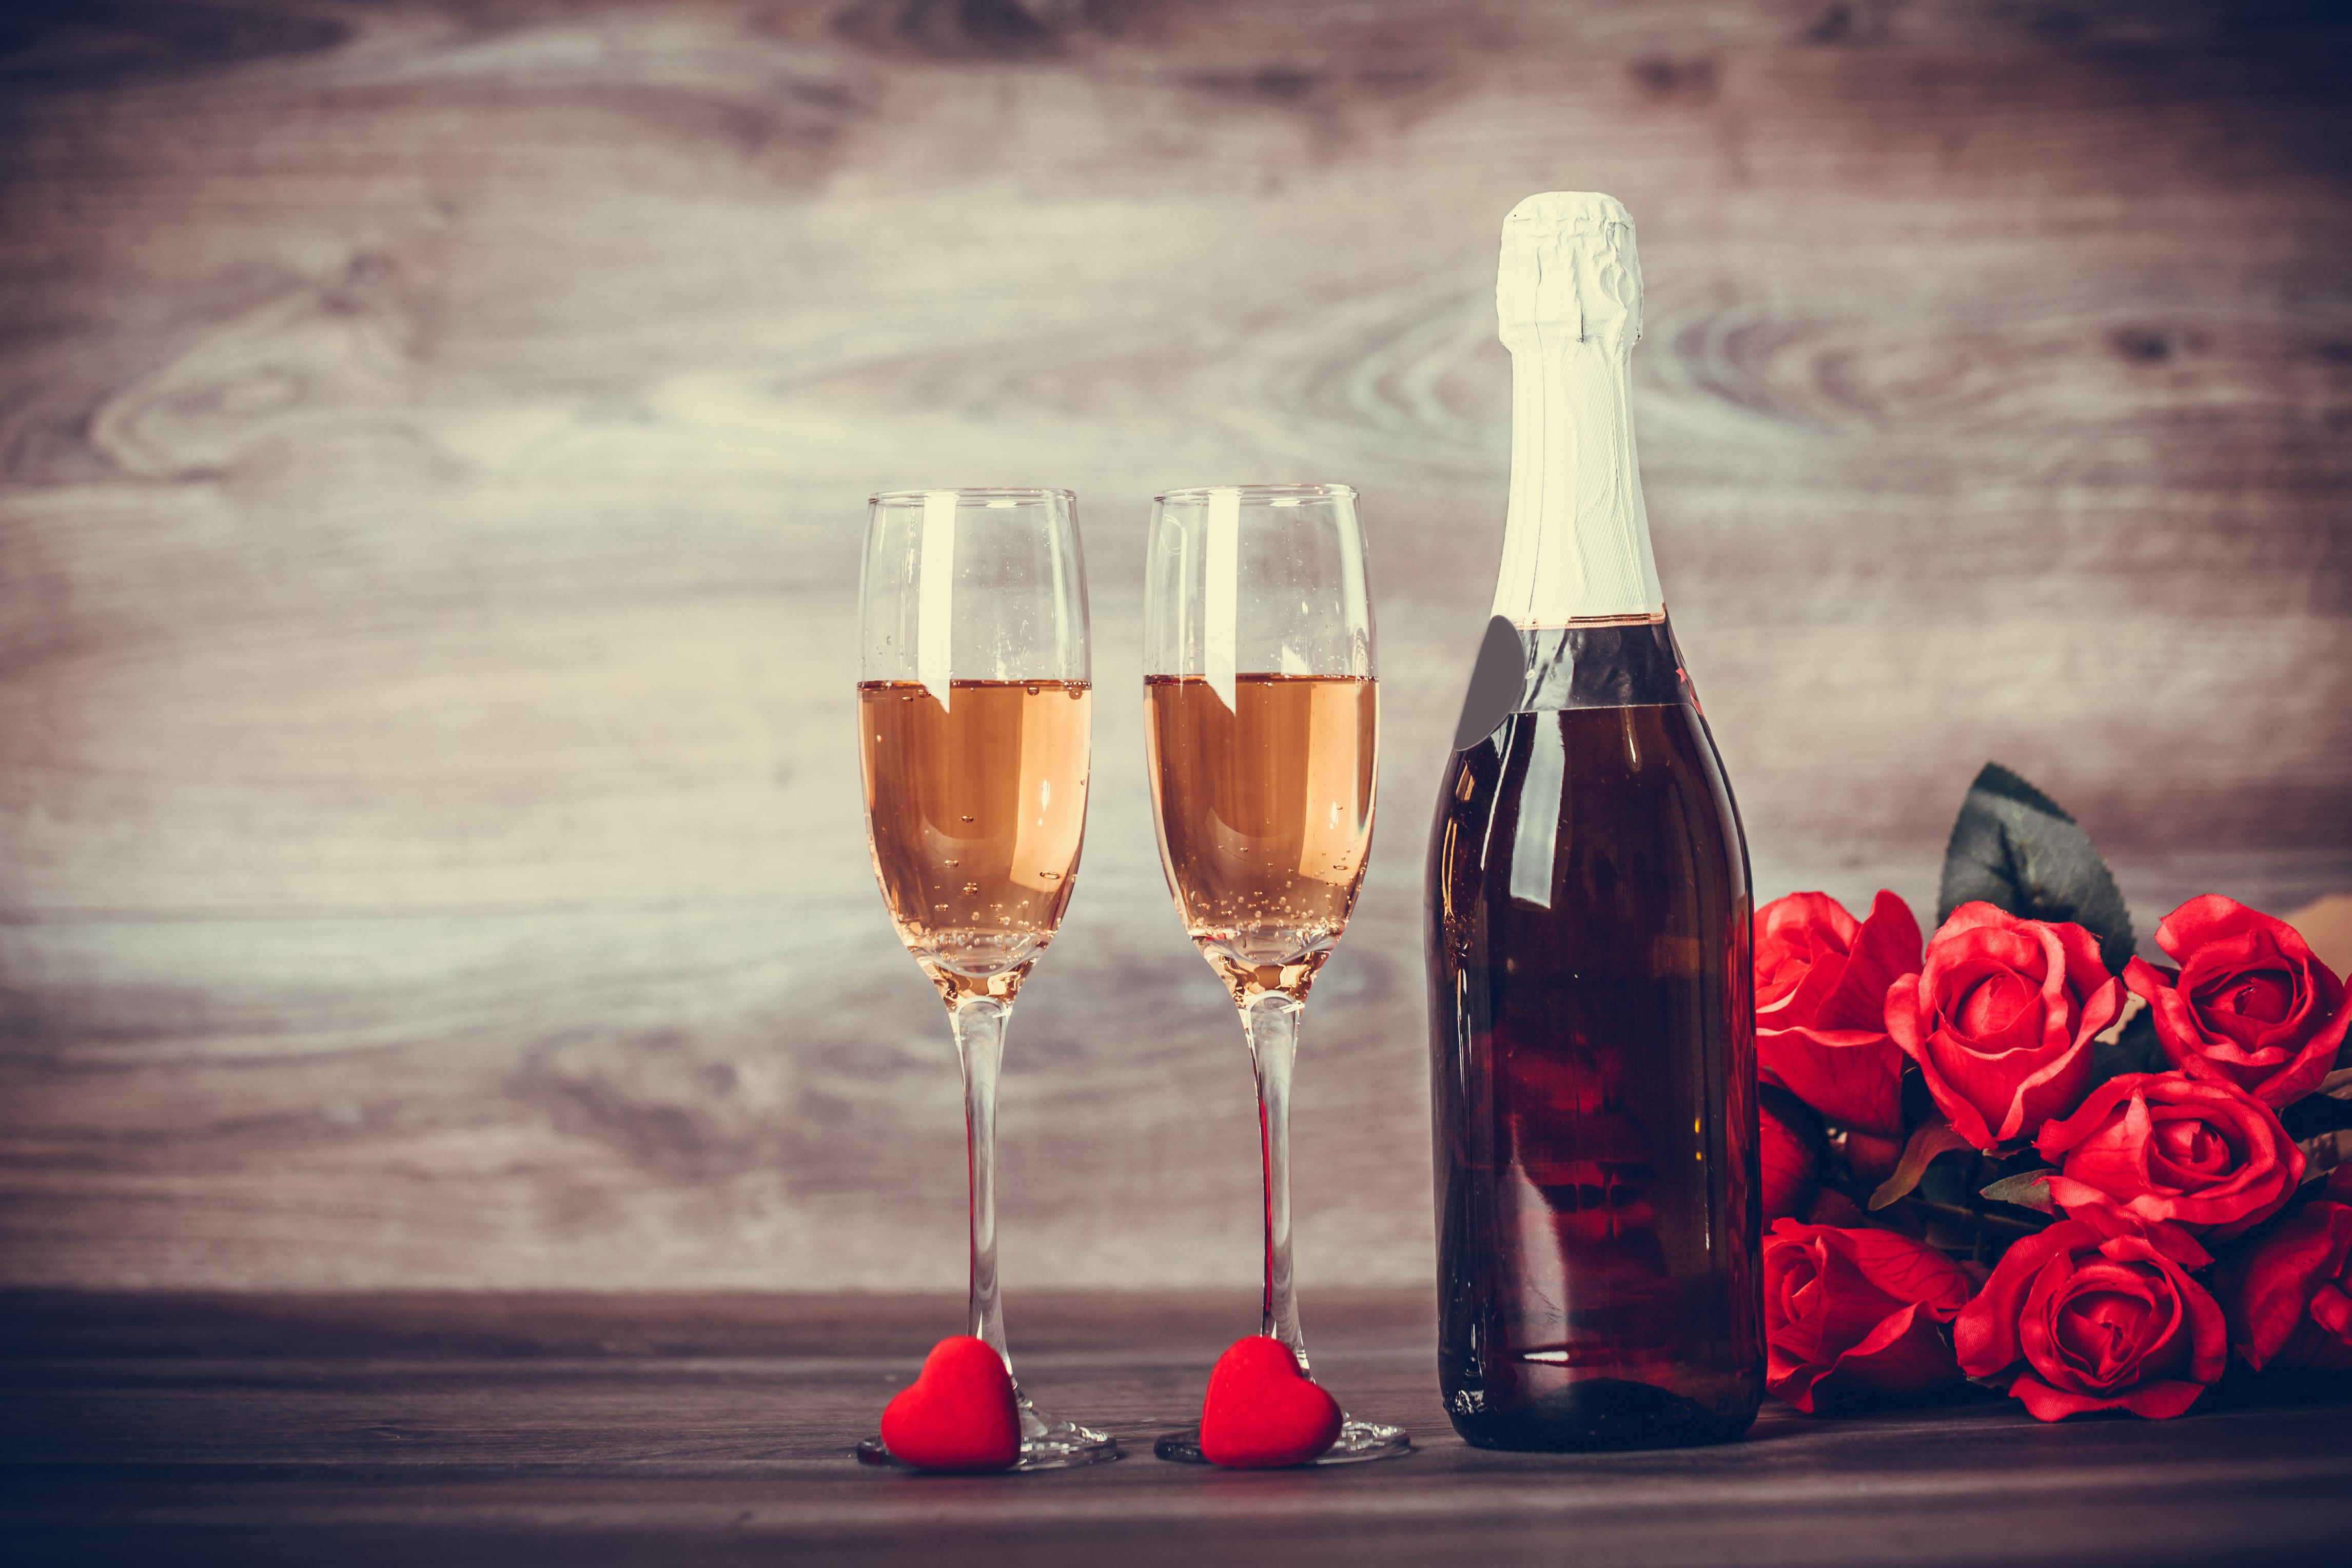 Фотографии День святого Валентина сердечко Розы Красный Шампанское Цветы Бокалы Бутылка Продукты питания 4584x3056 День всех влюблённых Сердце Игристое вино Еда Пища